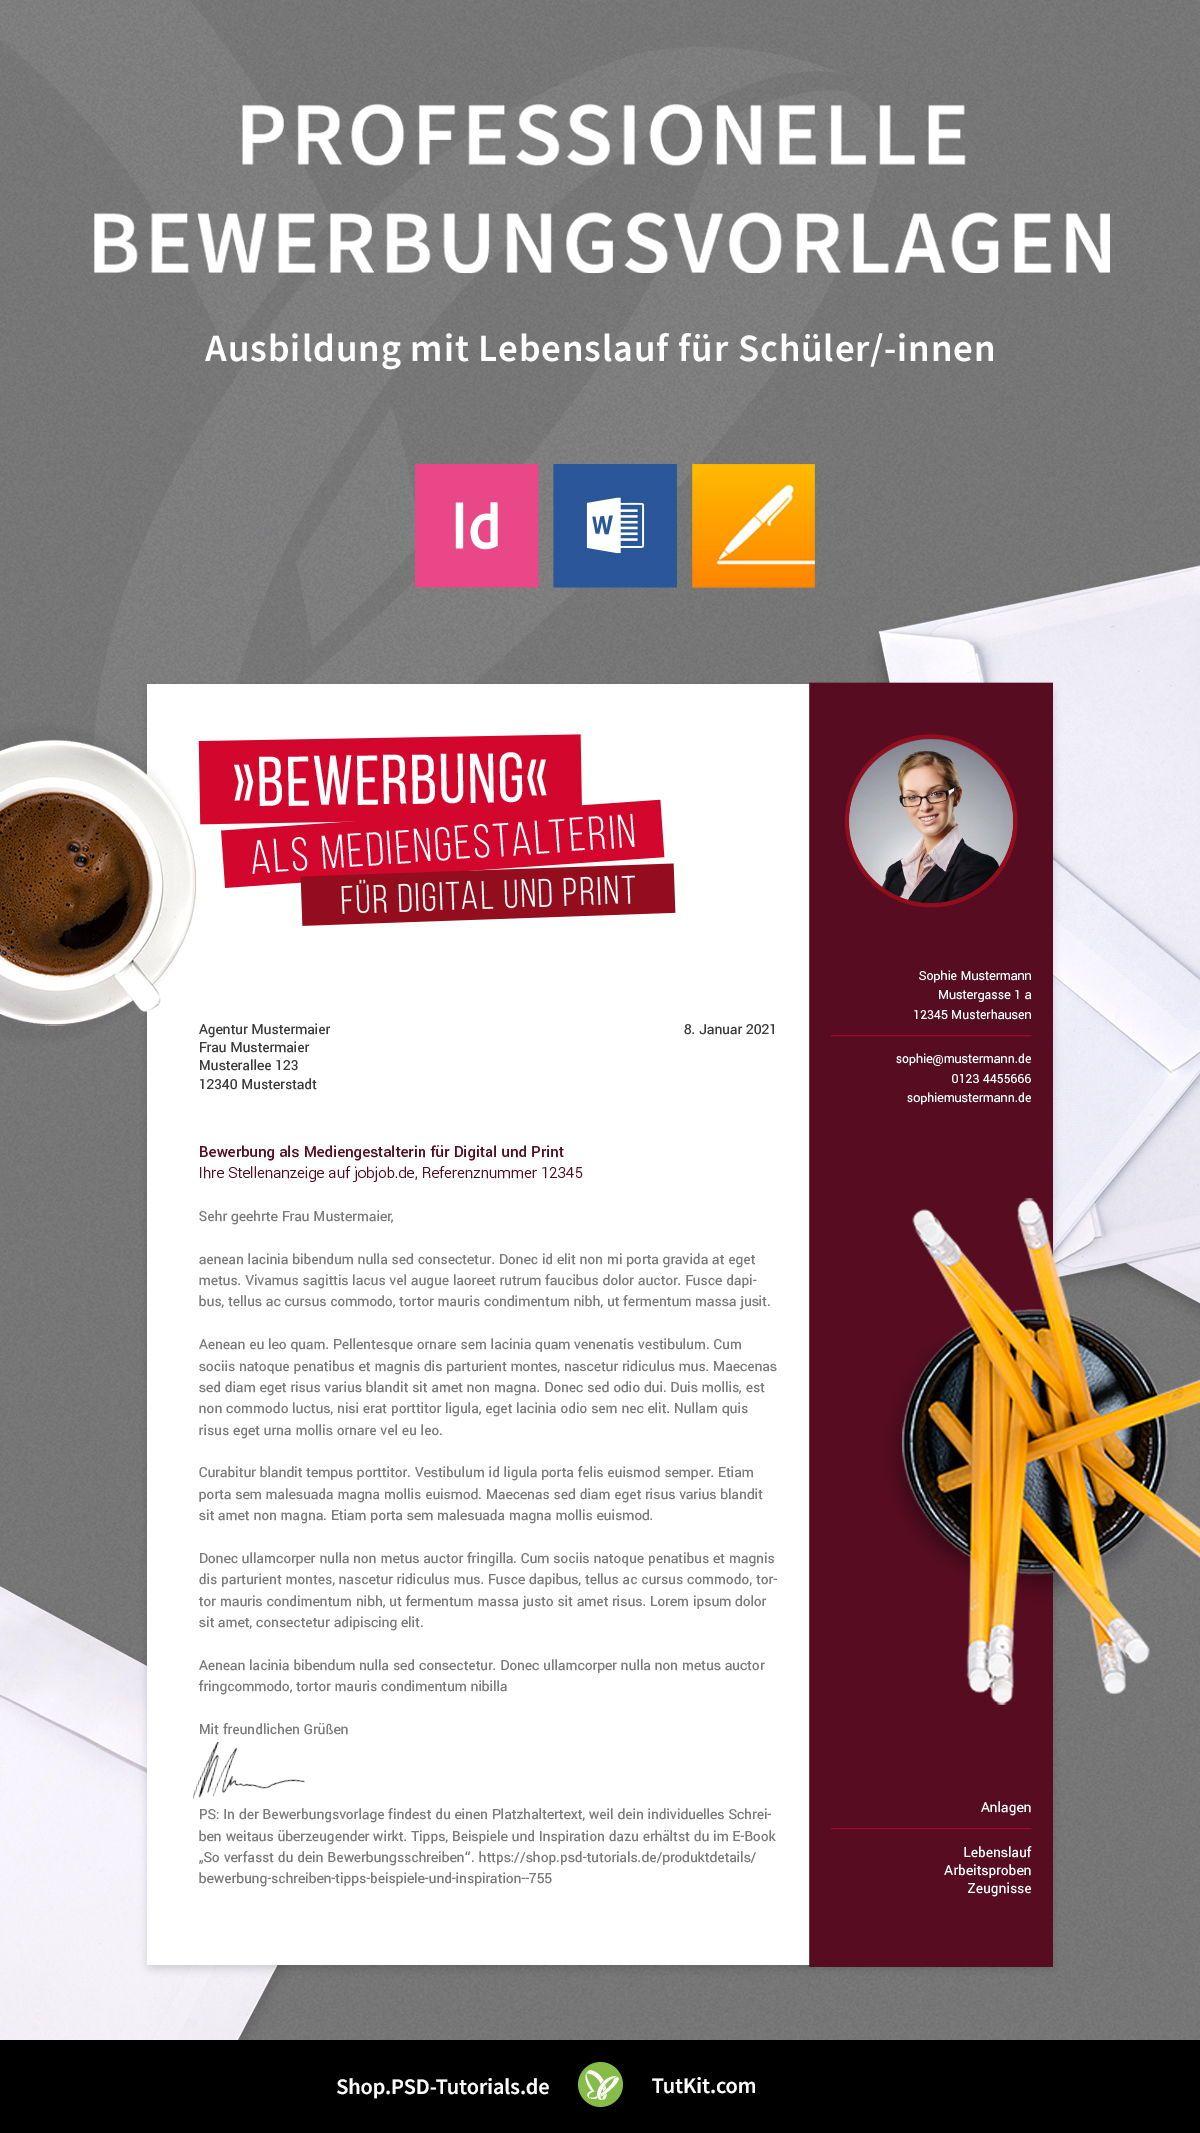 Bewerbung Mediengestalter In Kreatives Design Muster In 2020 Mediengestalter Bewerbung Lebenslauf Bewerbung